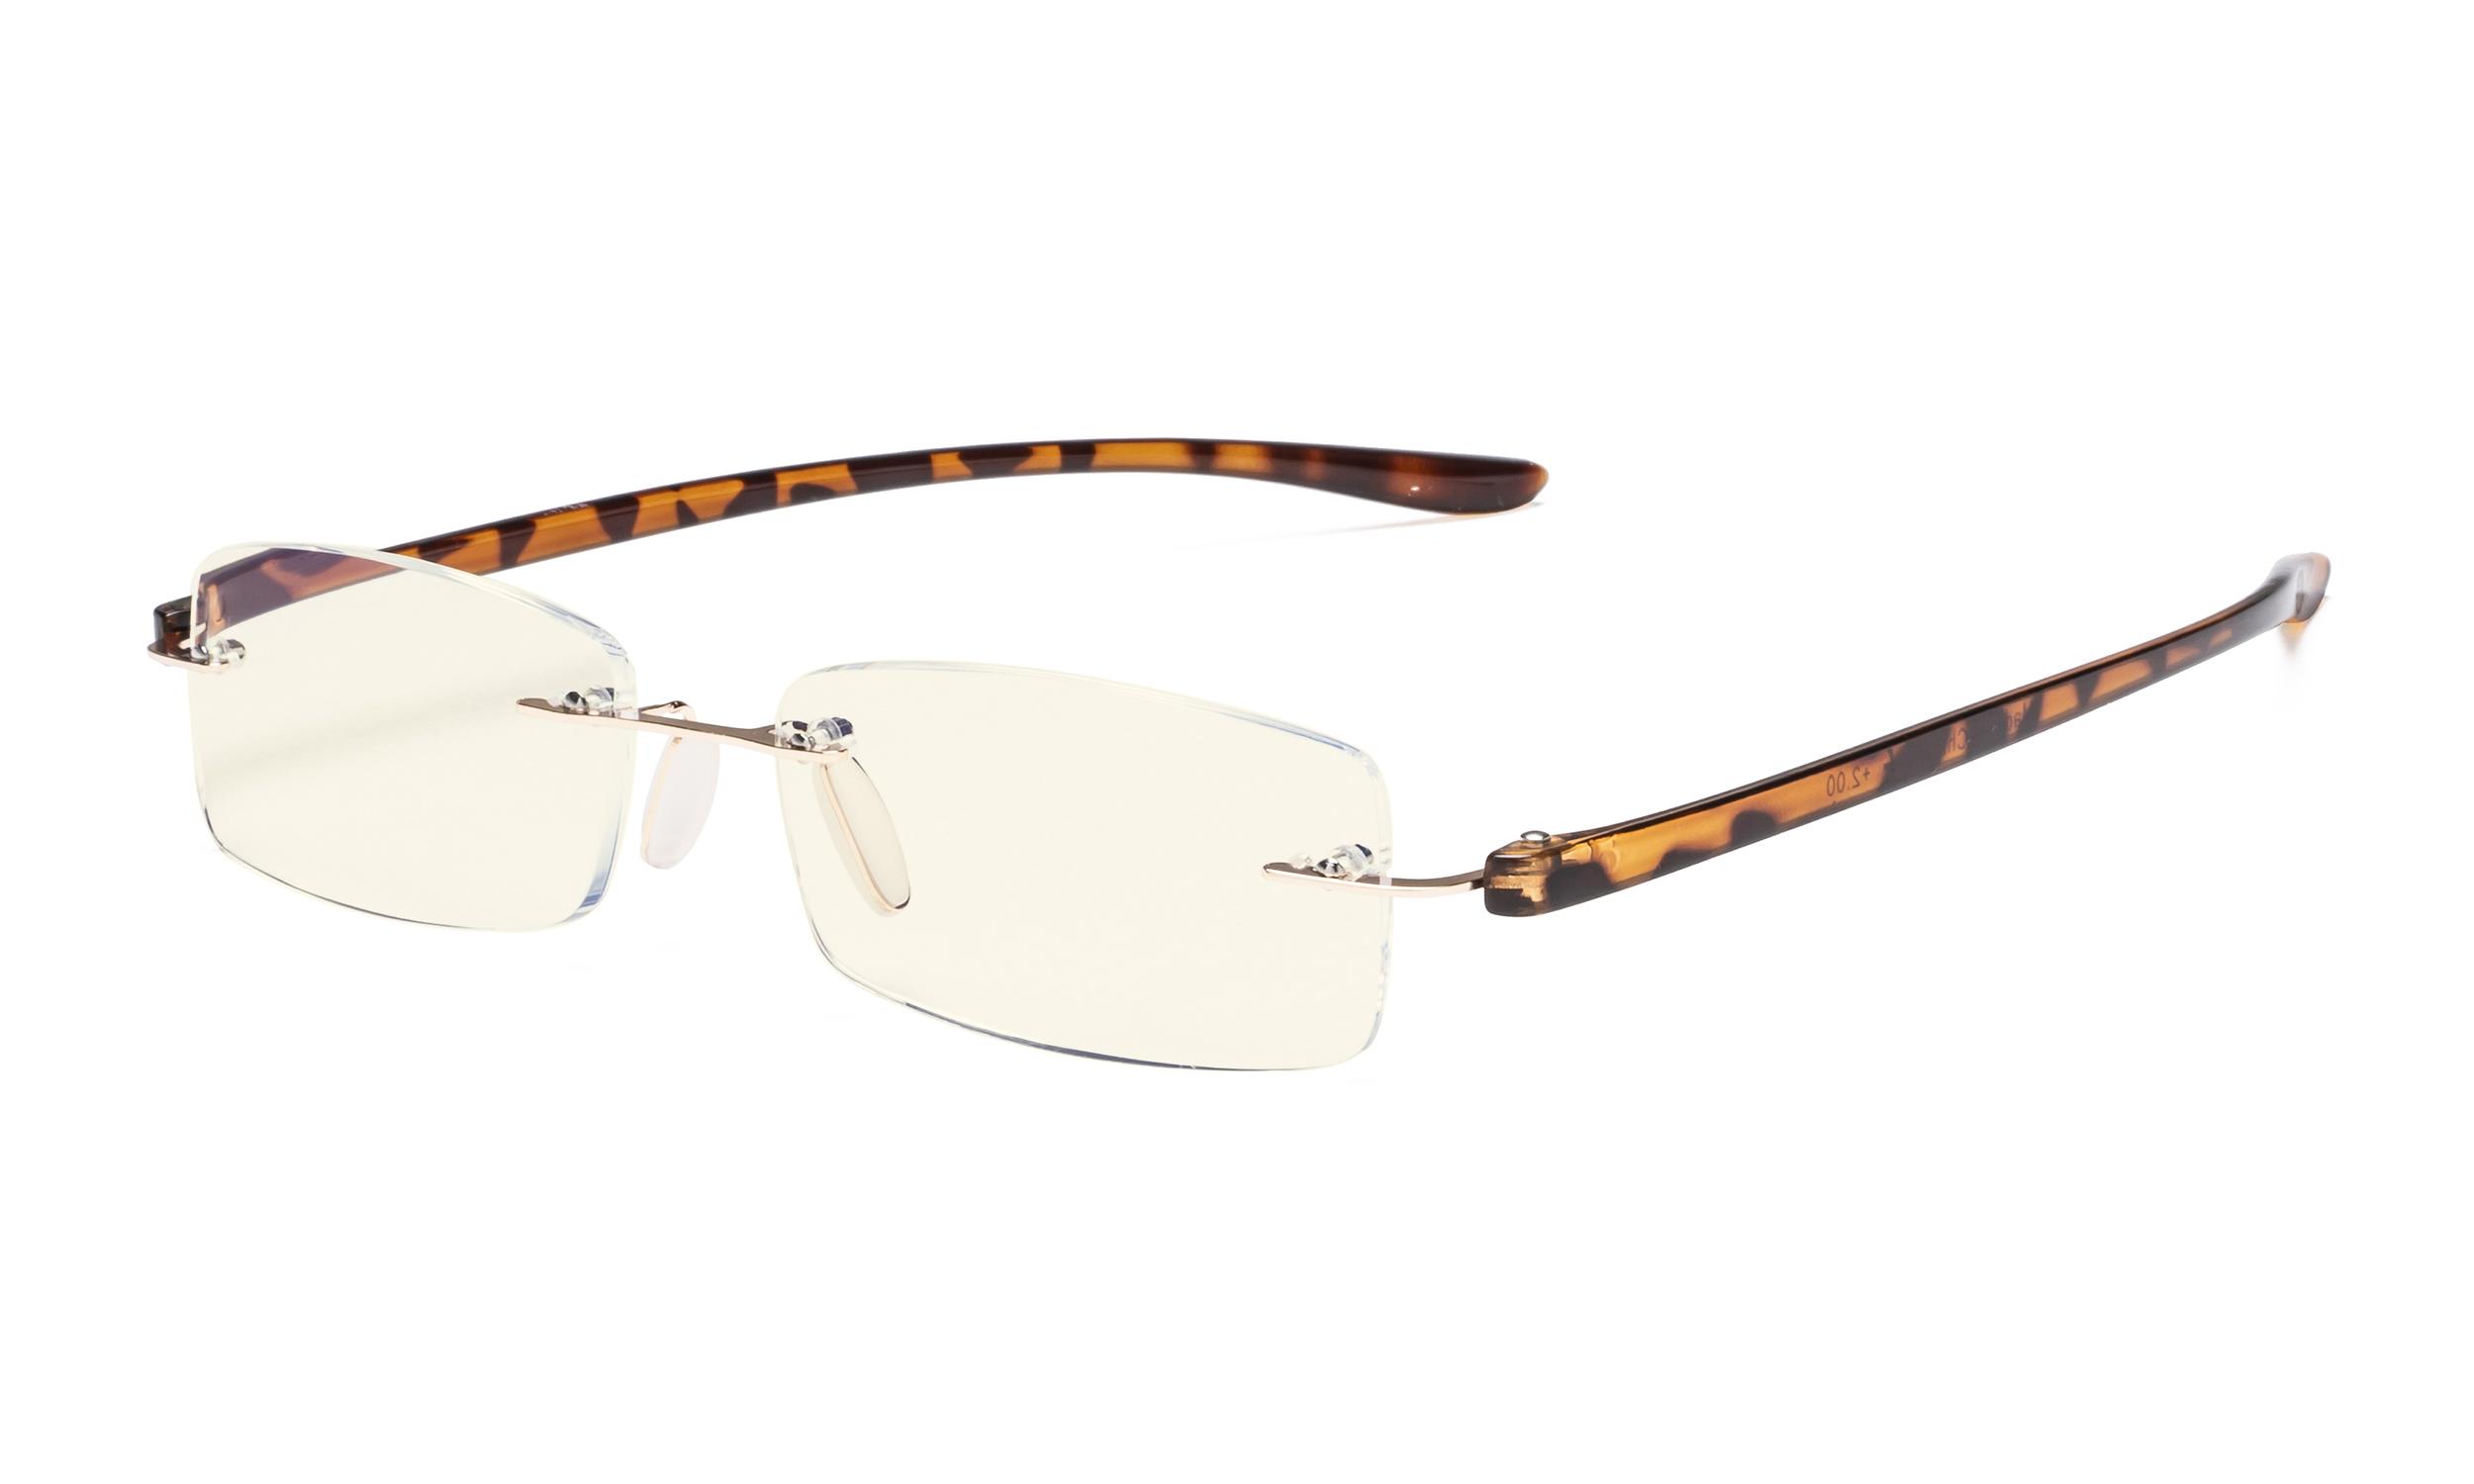 4296c875e861 Eyekepper Computer Reading Glasses Blue Light Filter Rimless Readers UV  Protection Tortoise Arm UVCG1